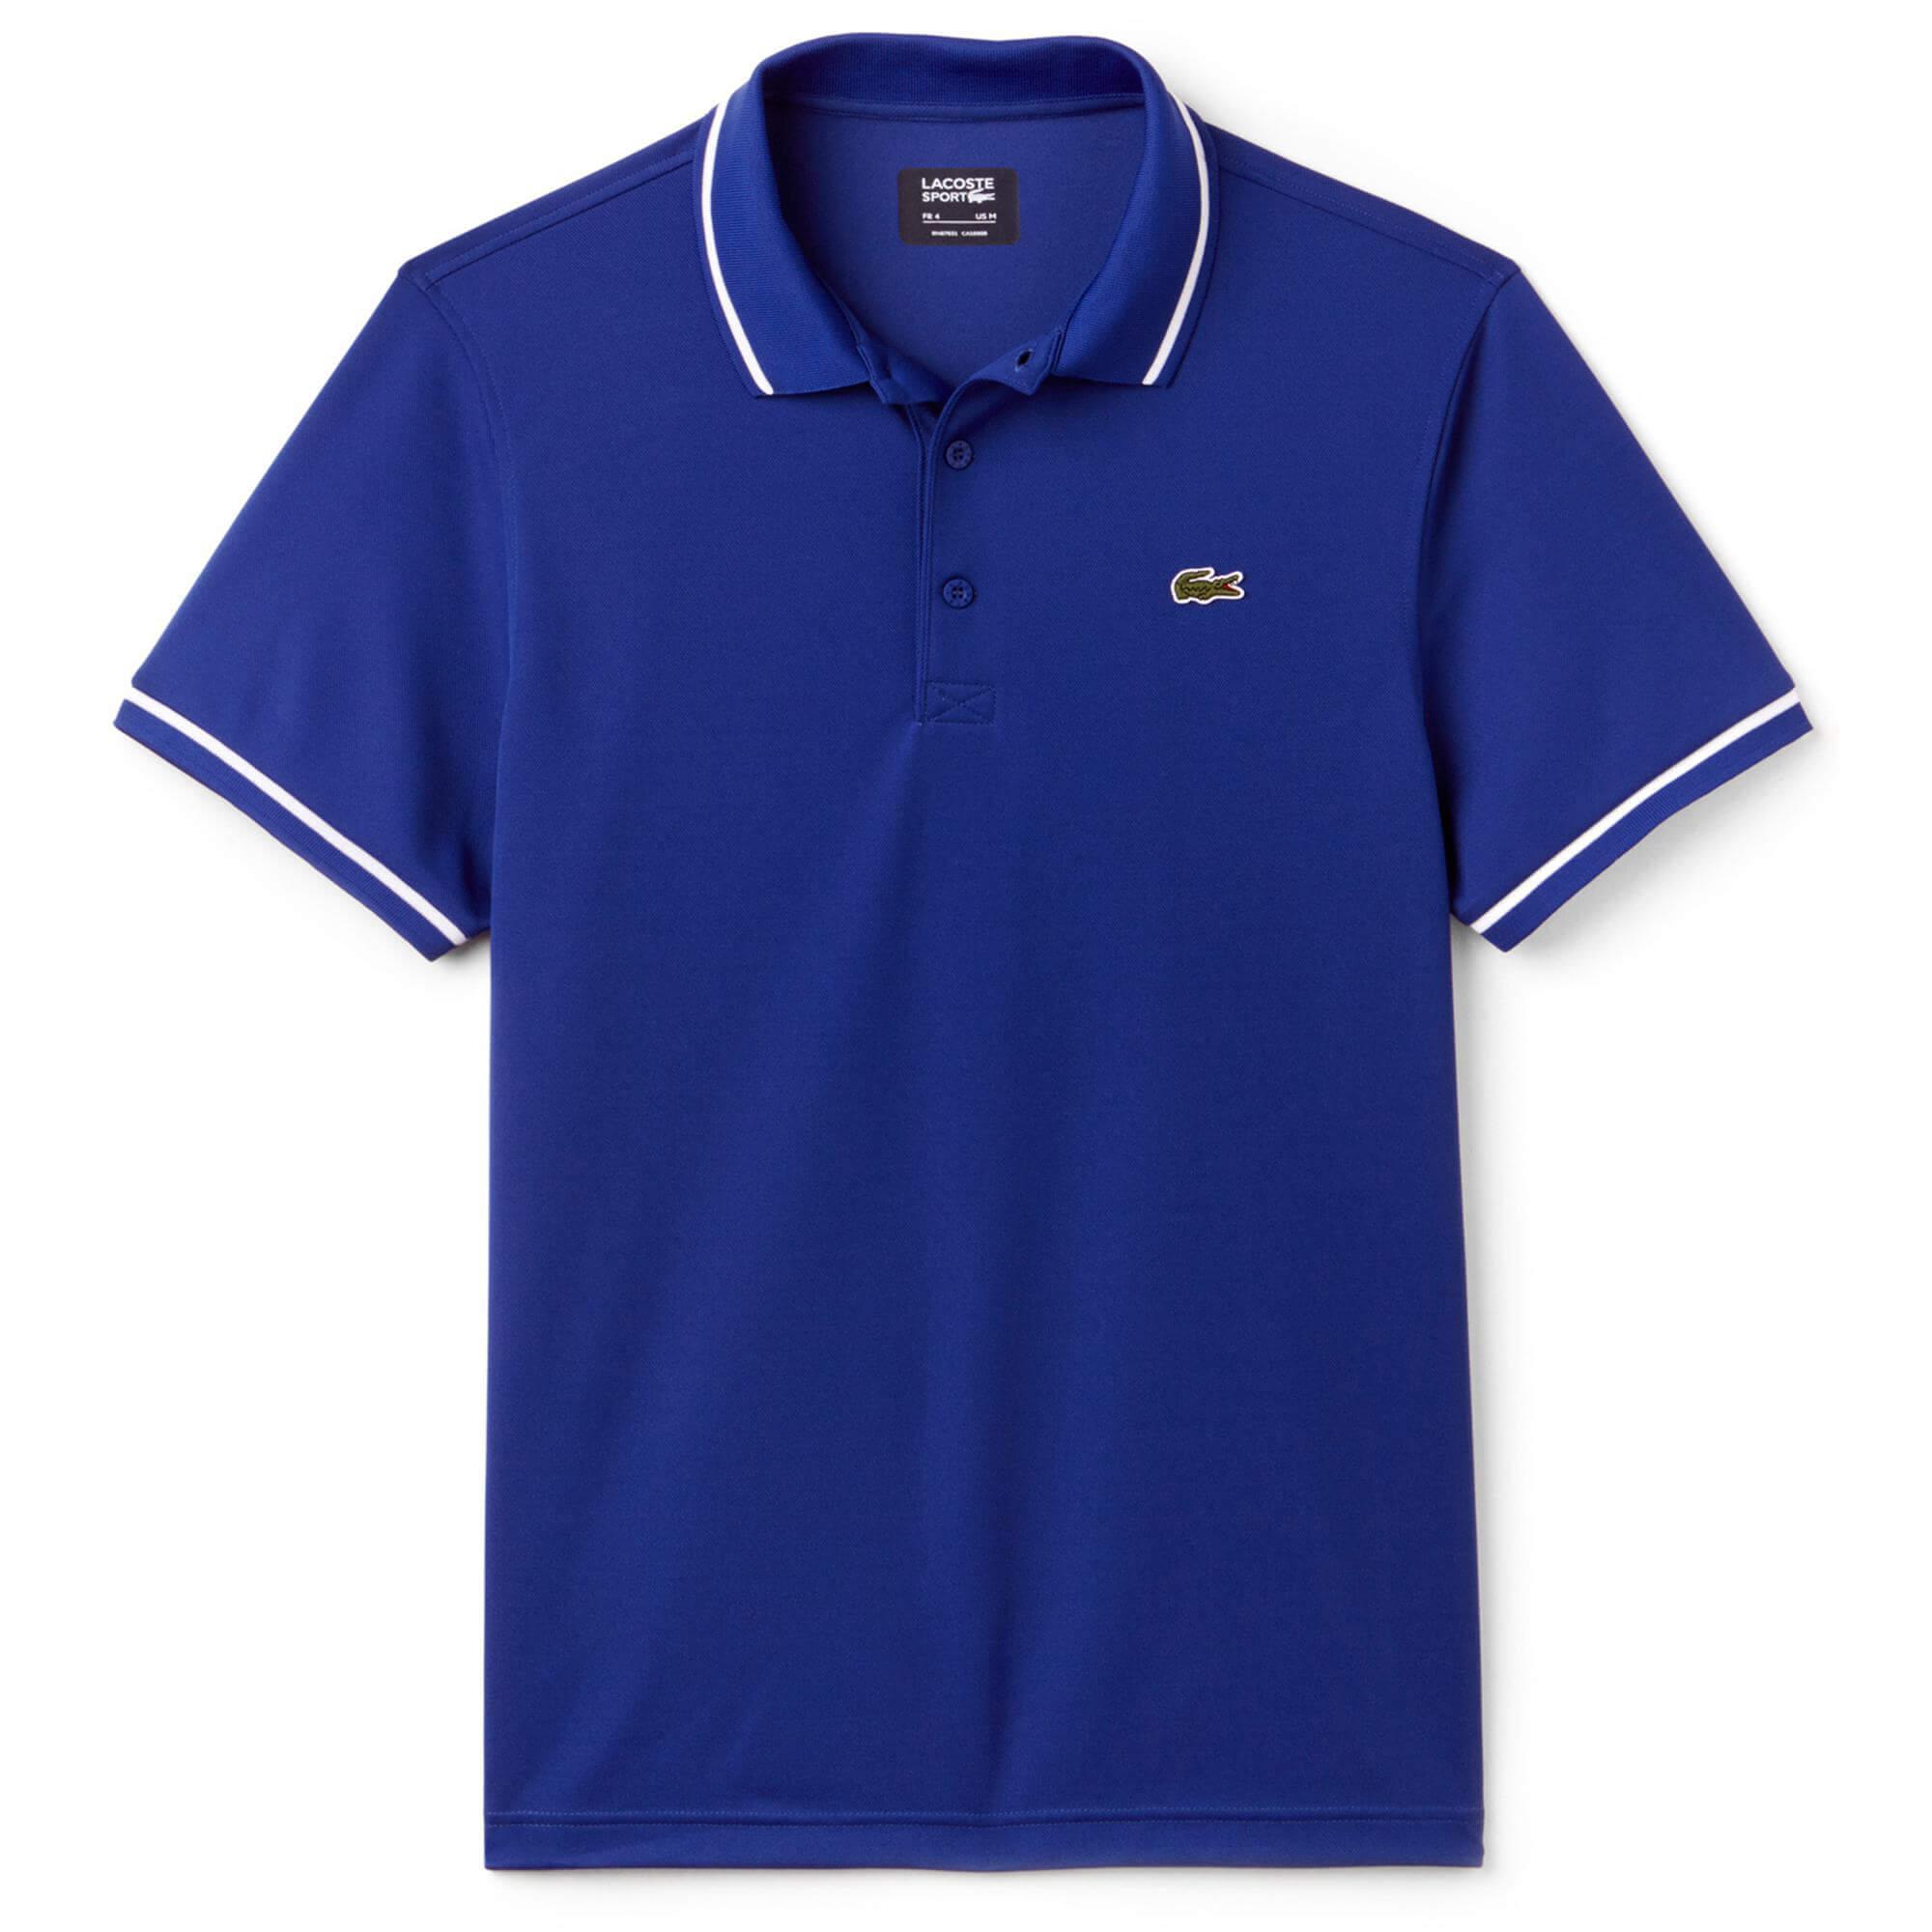 Lacoste Męska Sportowa Koszulka Polo Do Gry W Tenisa Z Technicznej Piki